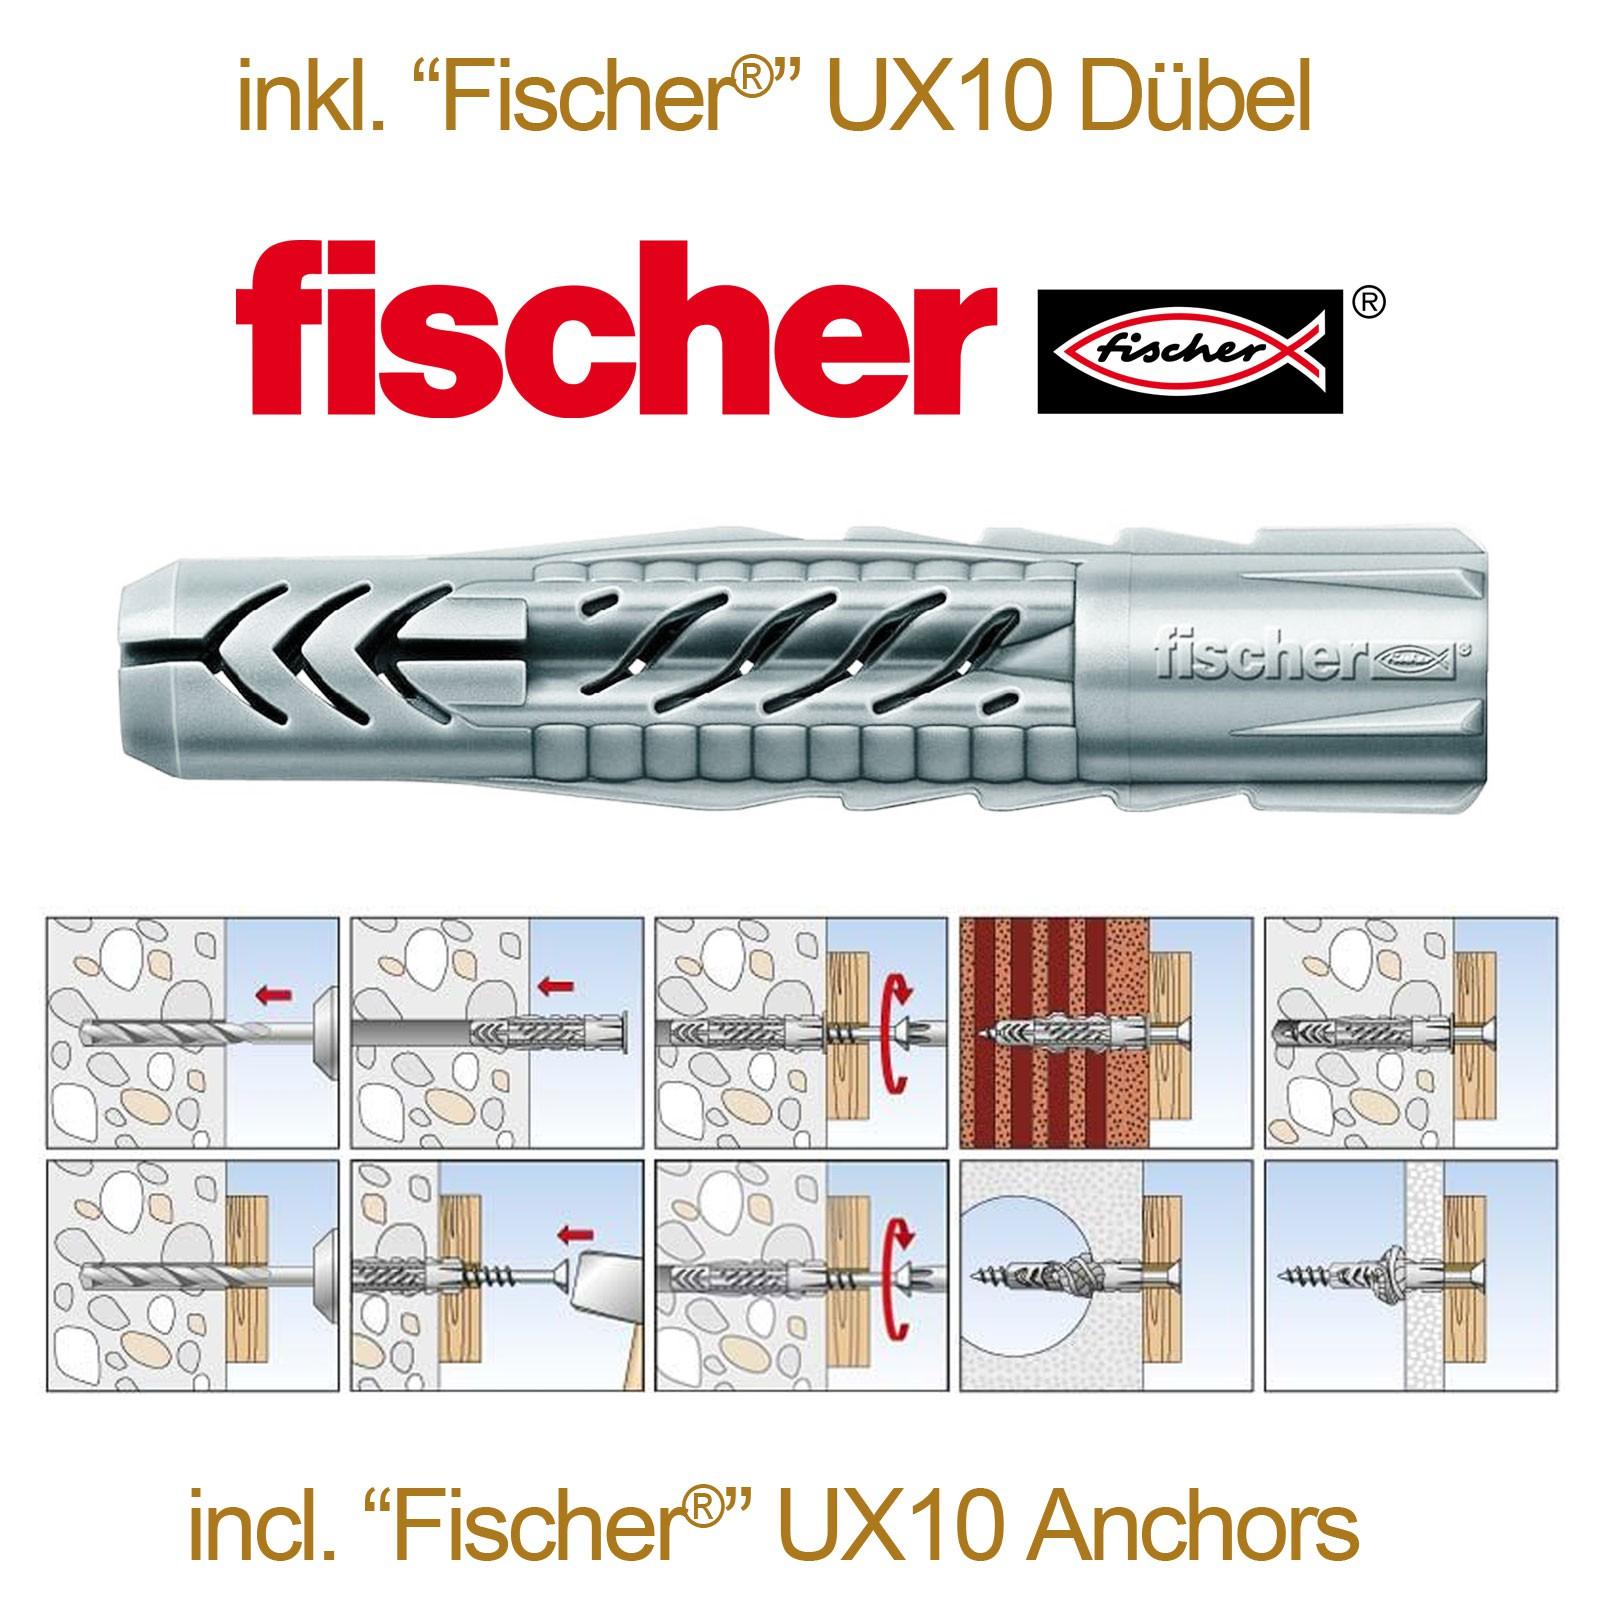 RICOO Schrauben Set TV Fernseher Halterung wahlweise mit Fischer®-UX10 SPZ0200